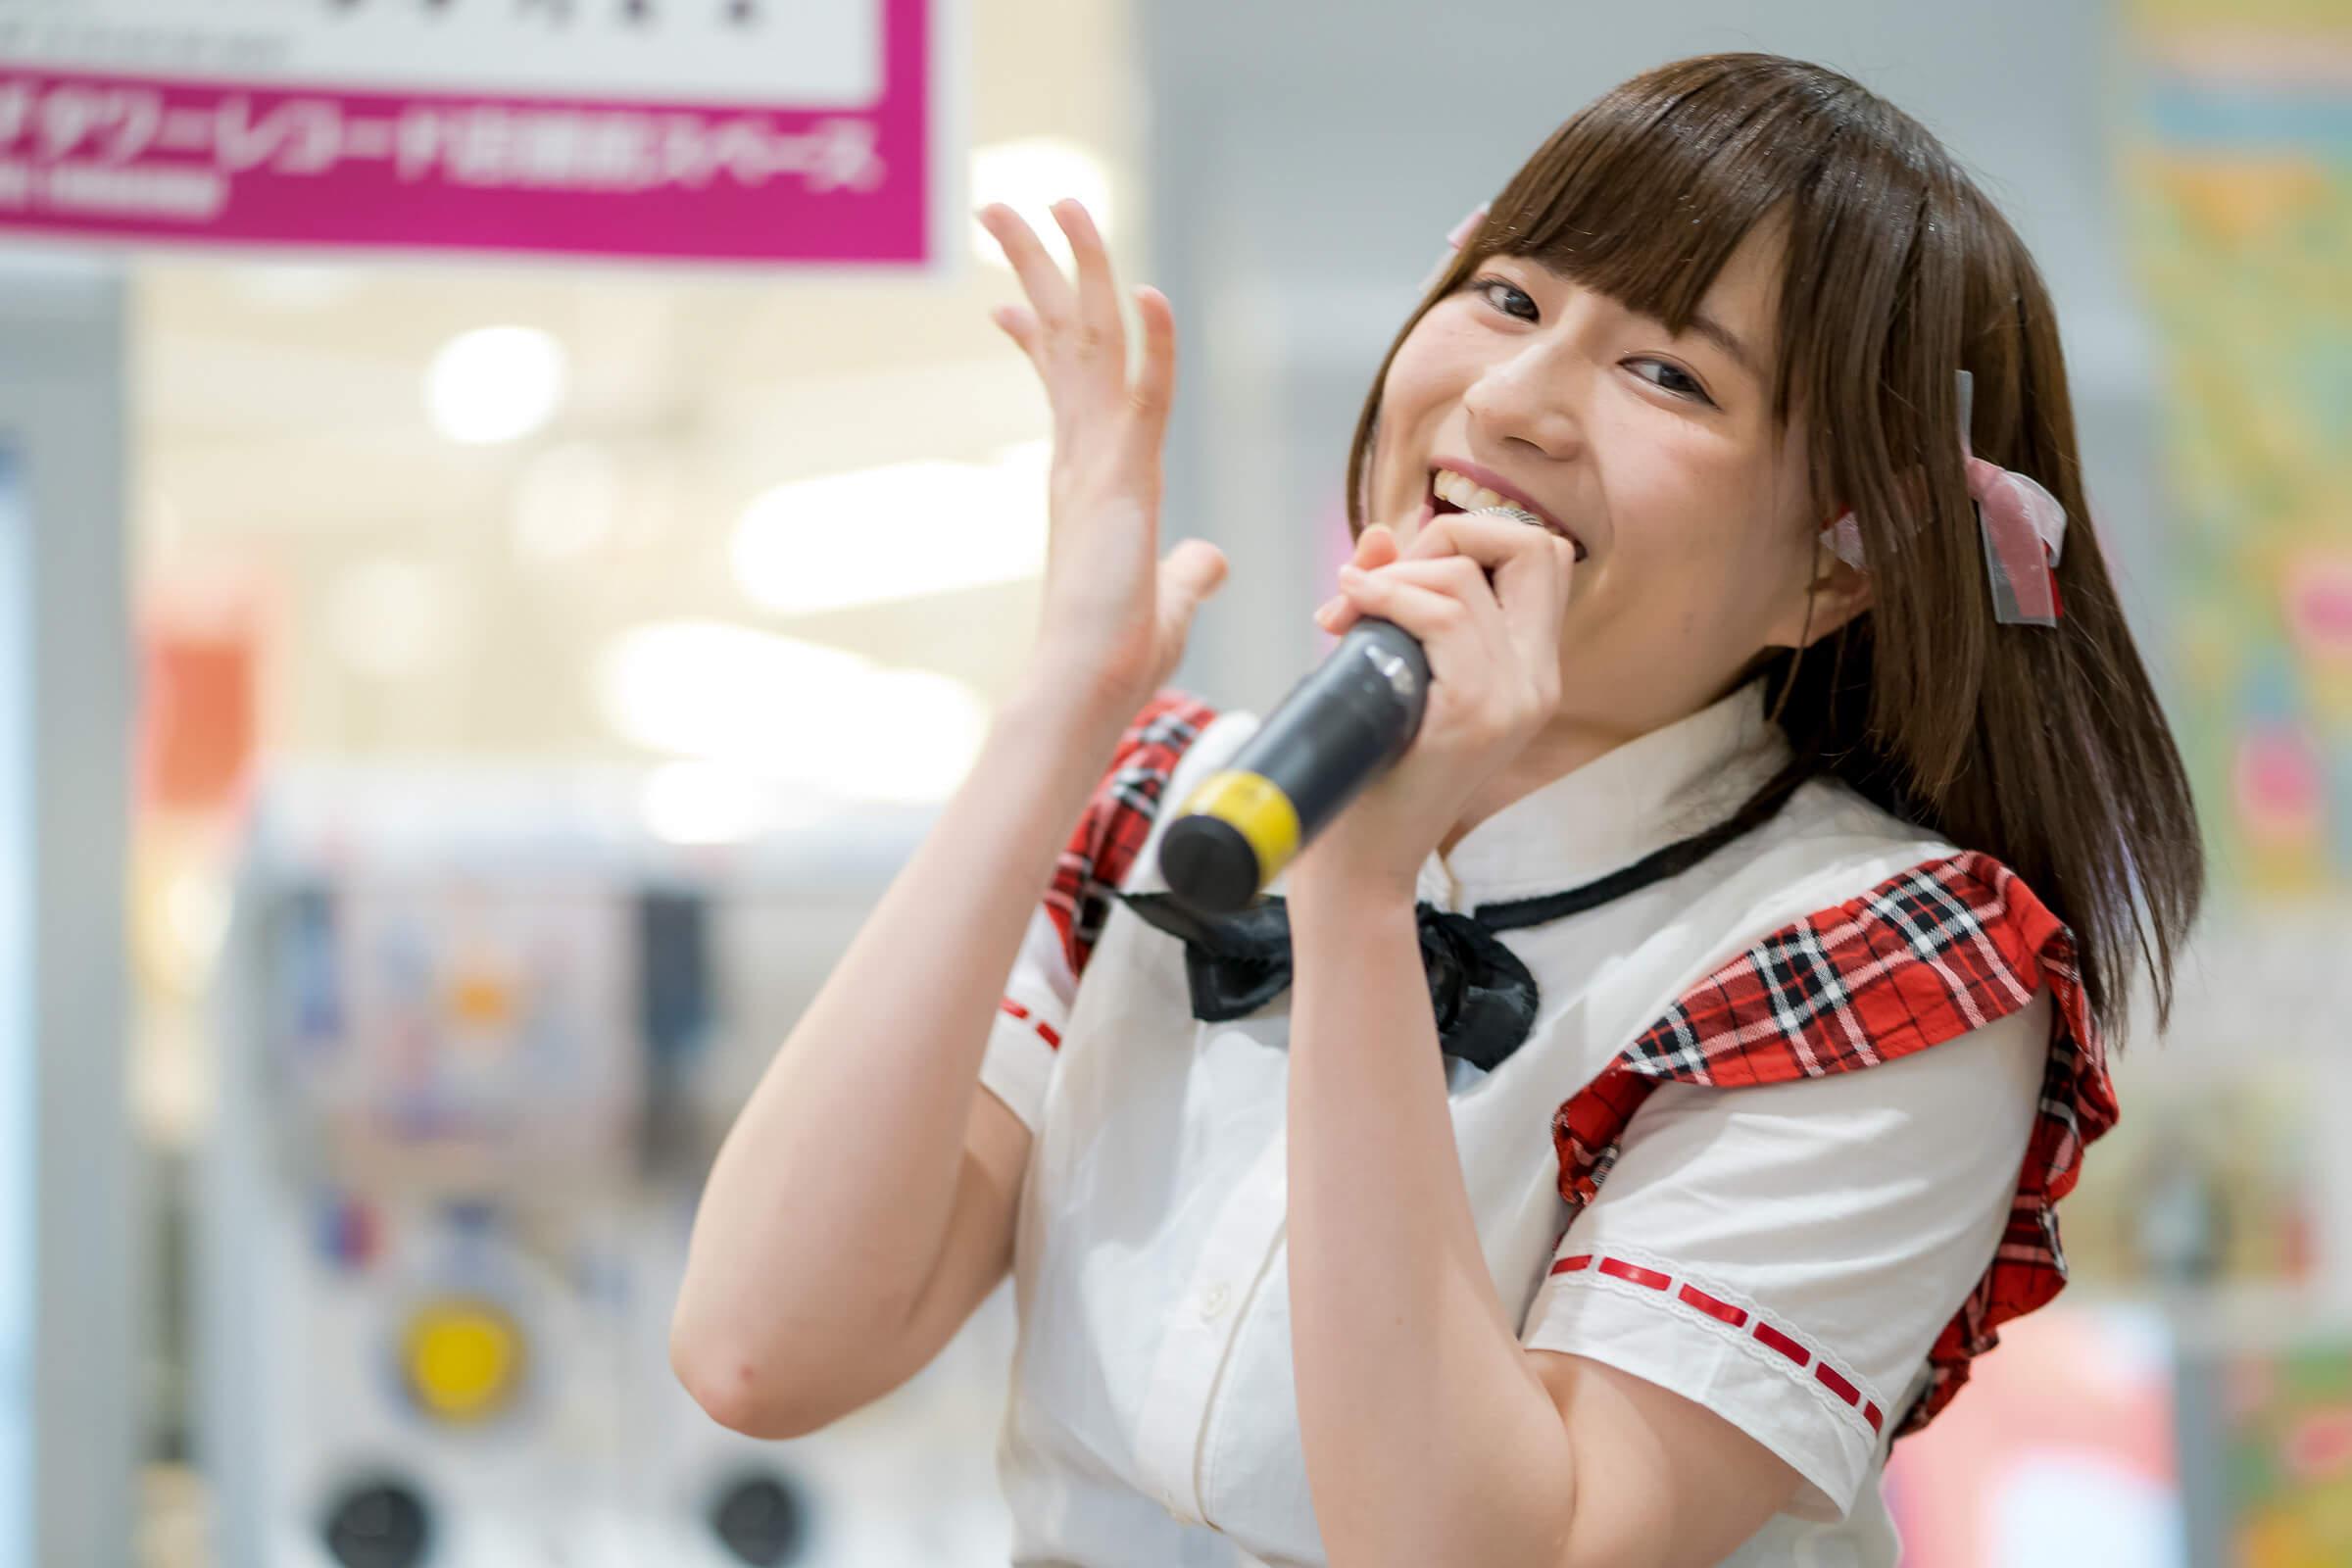 2代目HAPPY少女♪ あゆみ ( 新谷亜由美 ) | フルーティー♡メジャーシングル第2弾「FRONT LINER」リリースイベント